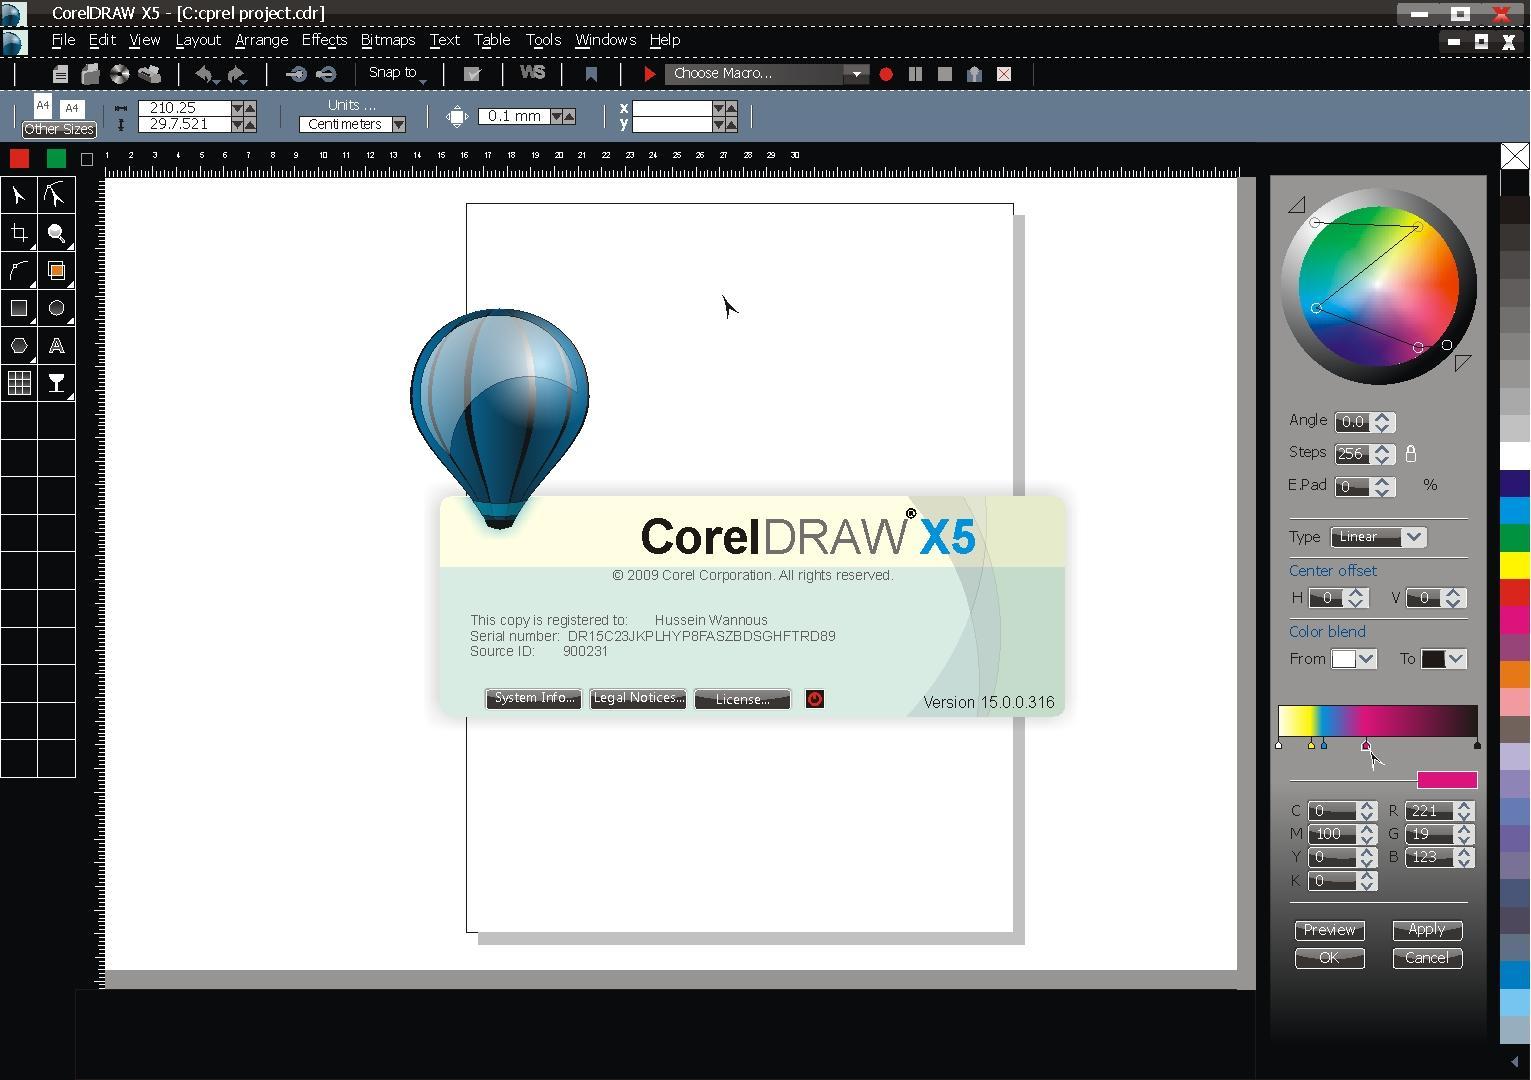 corel draw x5 tutorials download. Black Bedroom Furniture Sets. Home Design Ideas